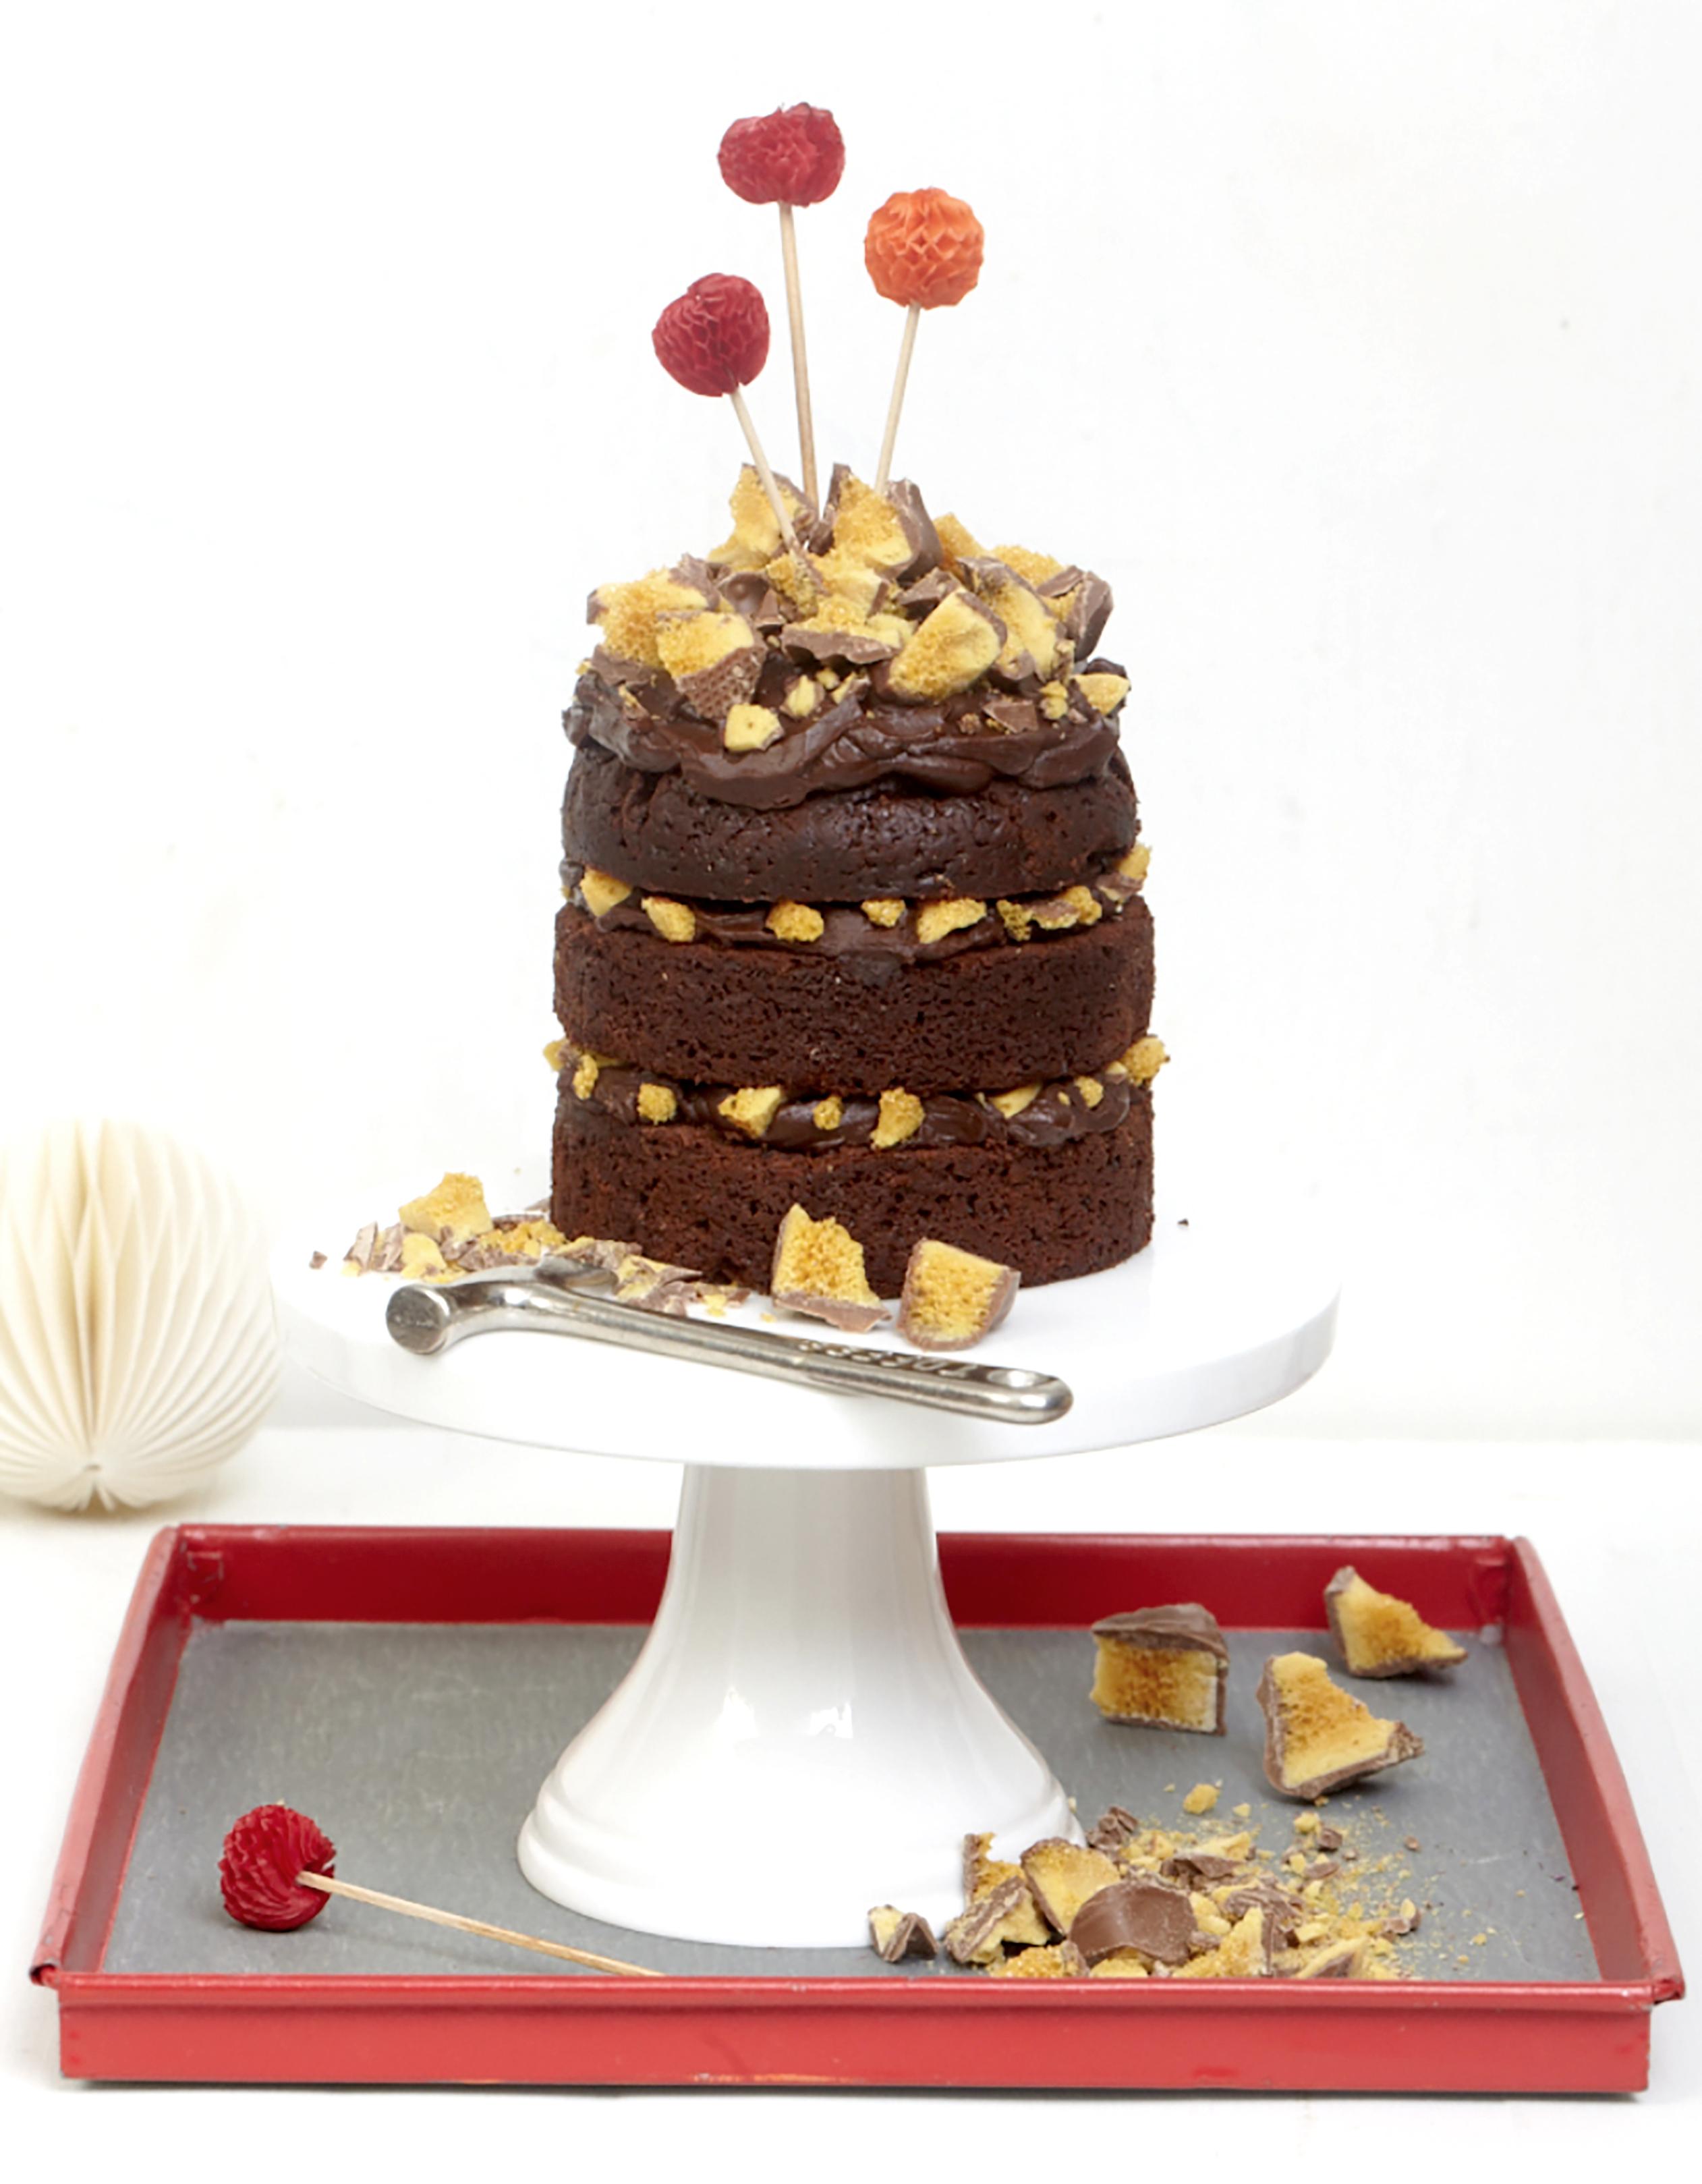 crunchie-cake